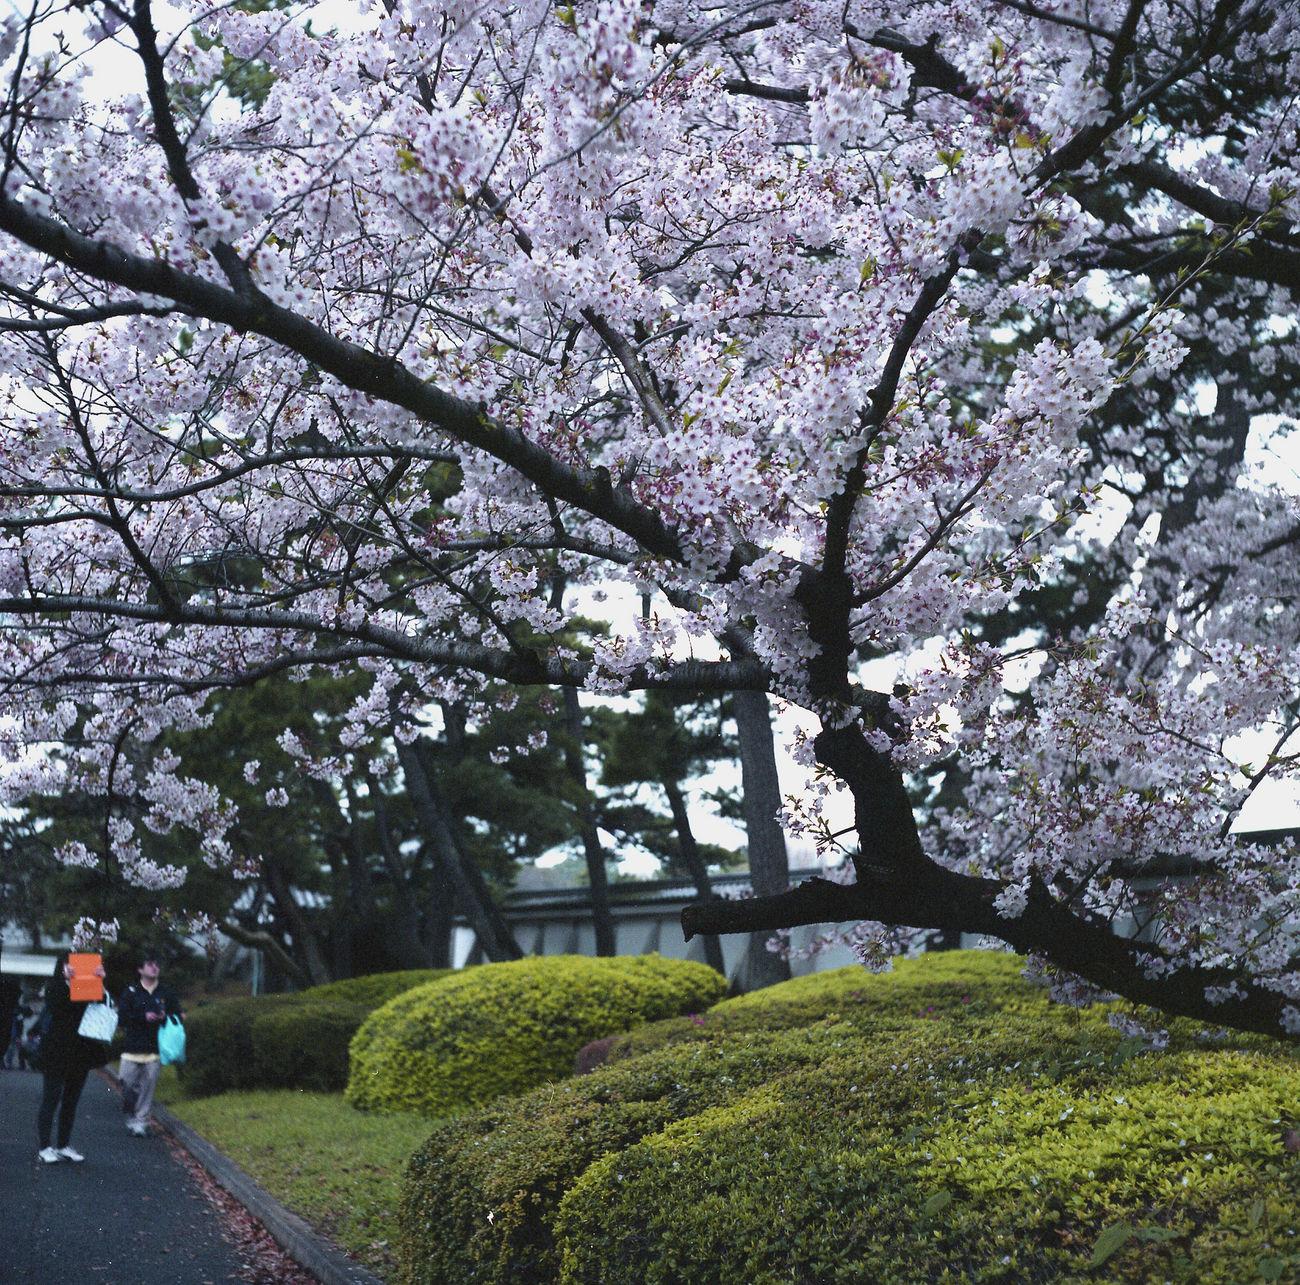 桜 ローライコード Taking Photos Enjoying Life Hello World Rolleicord Camera Tokyo Taking Photos EyeEm Best Shots Relaxing Eyeemphotography Film Photography Film Sakura Flowers